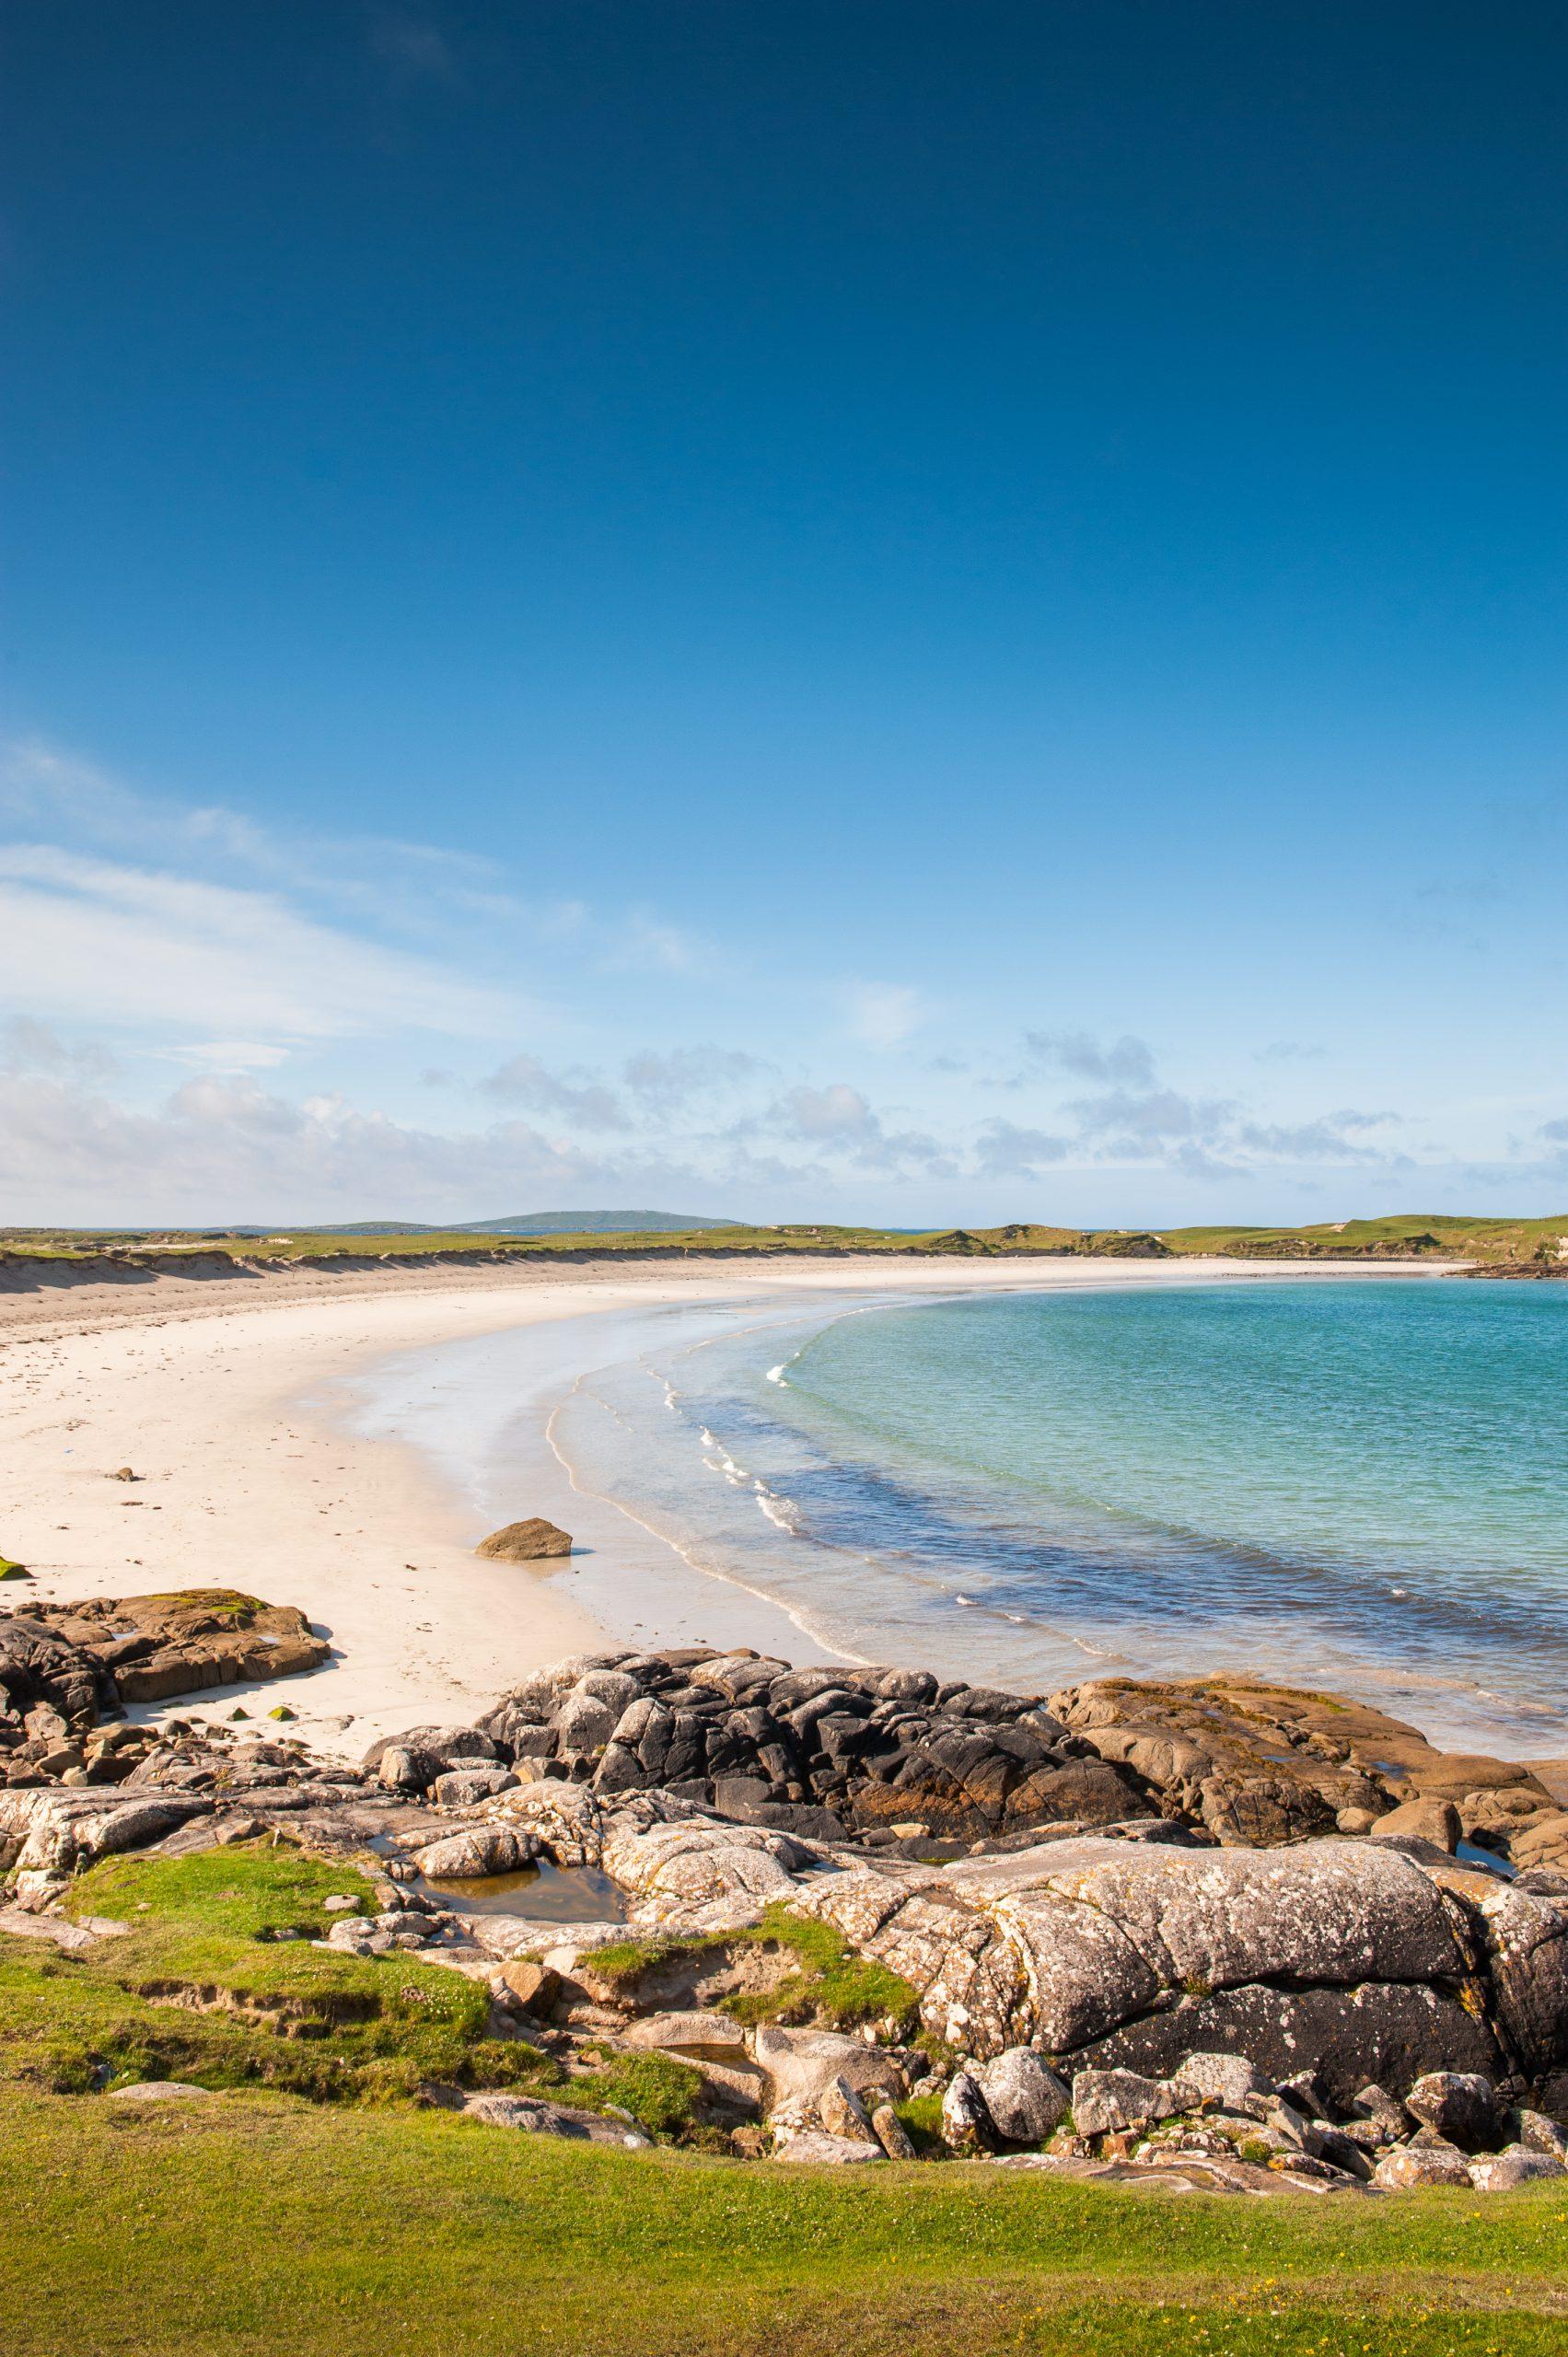 Dog's Bay Beach Galway Ireland - Visit Galway